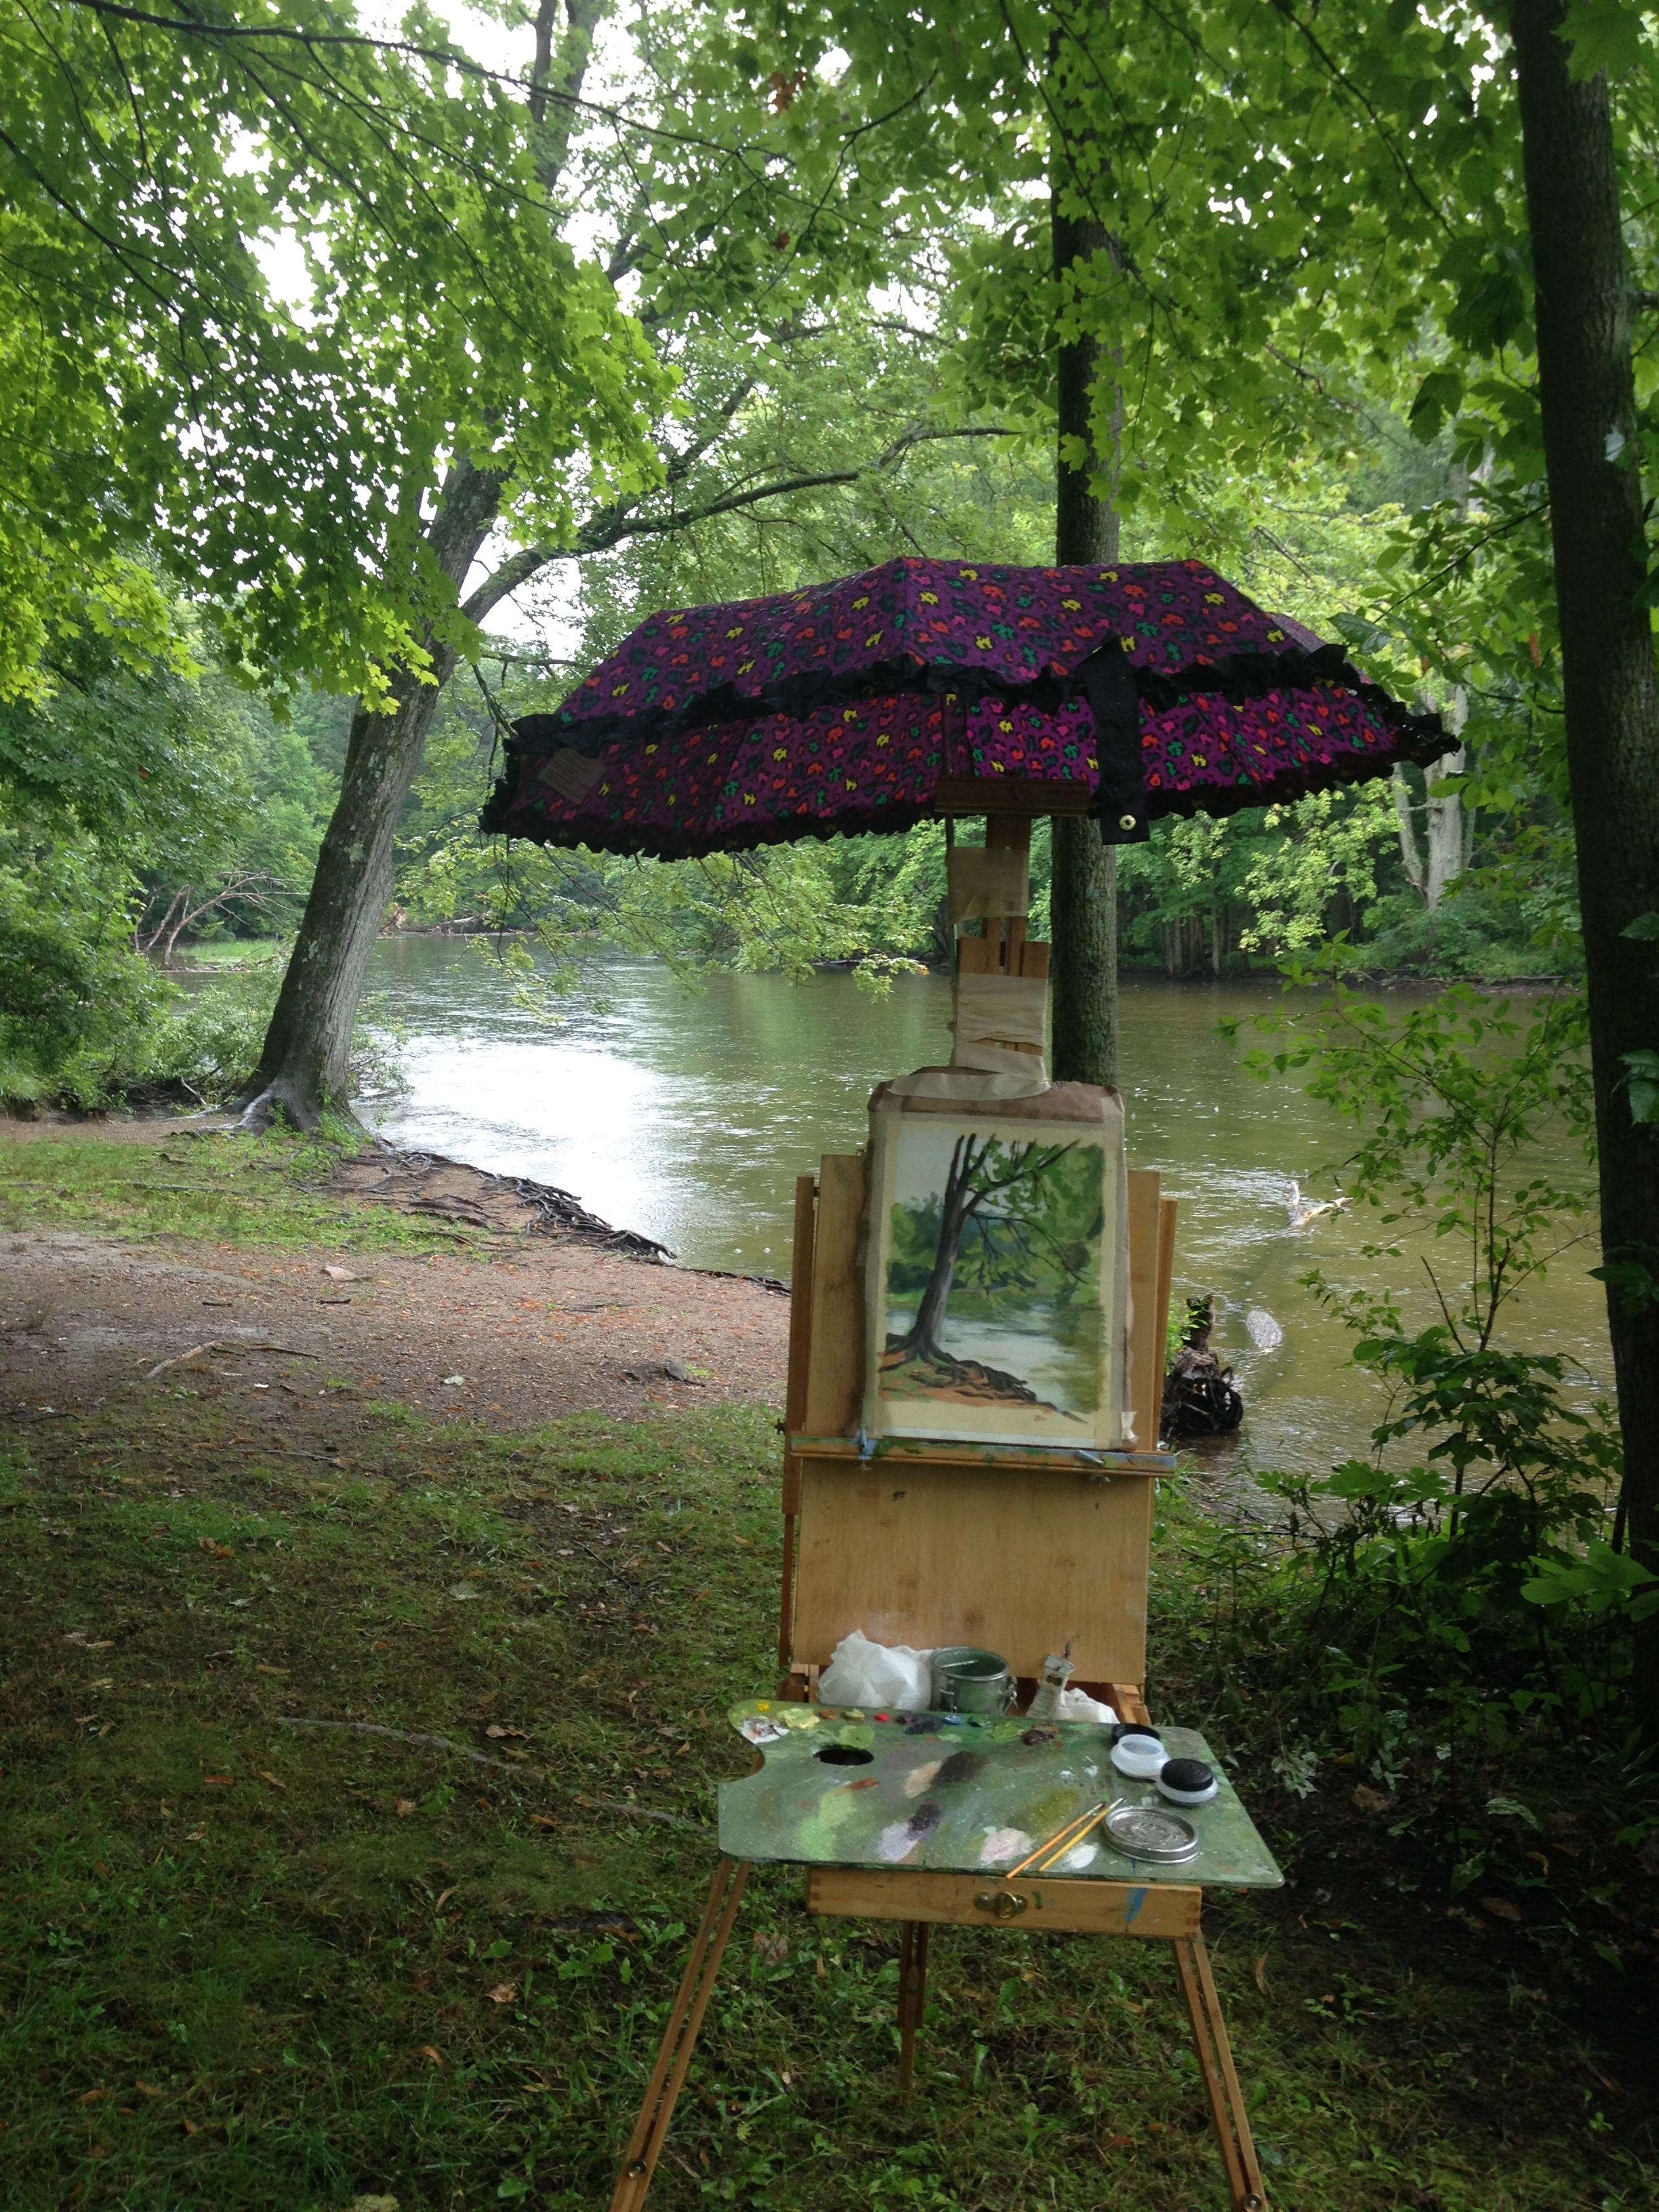 Paint Dexter Plein Air Festival in the Rain